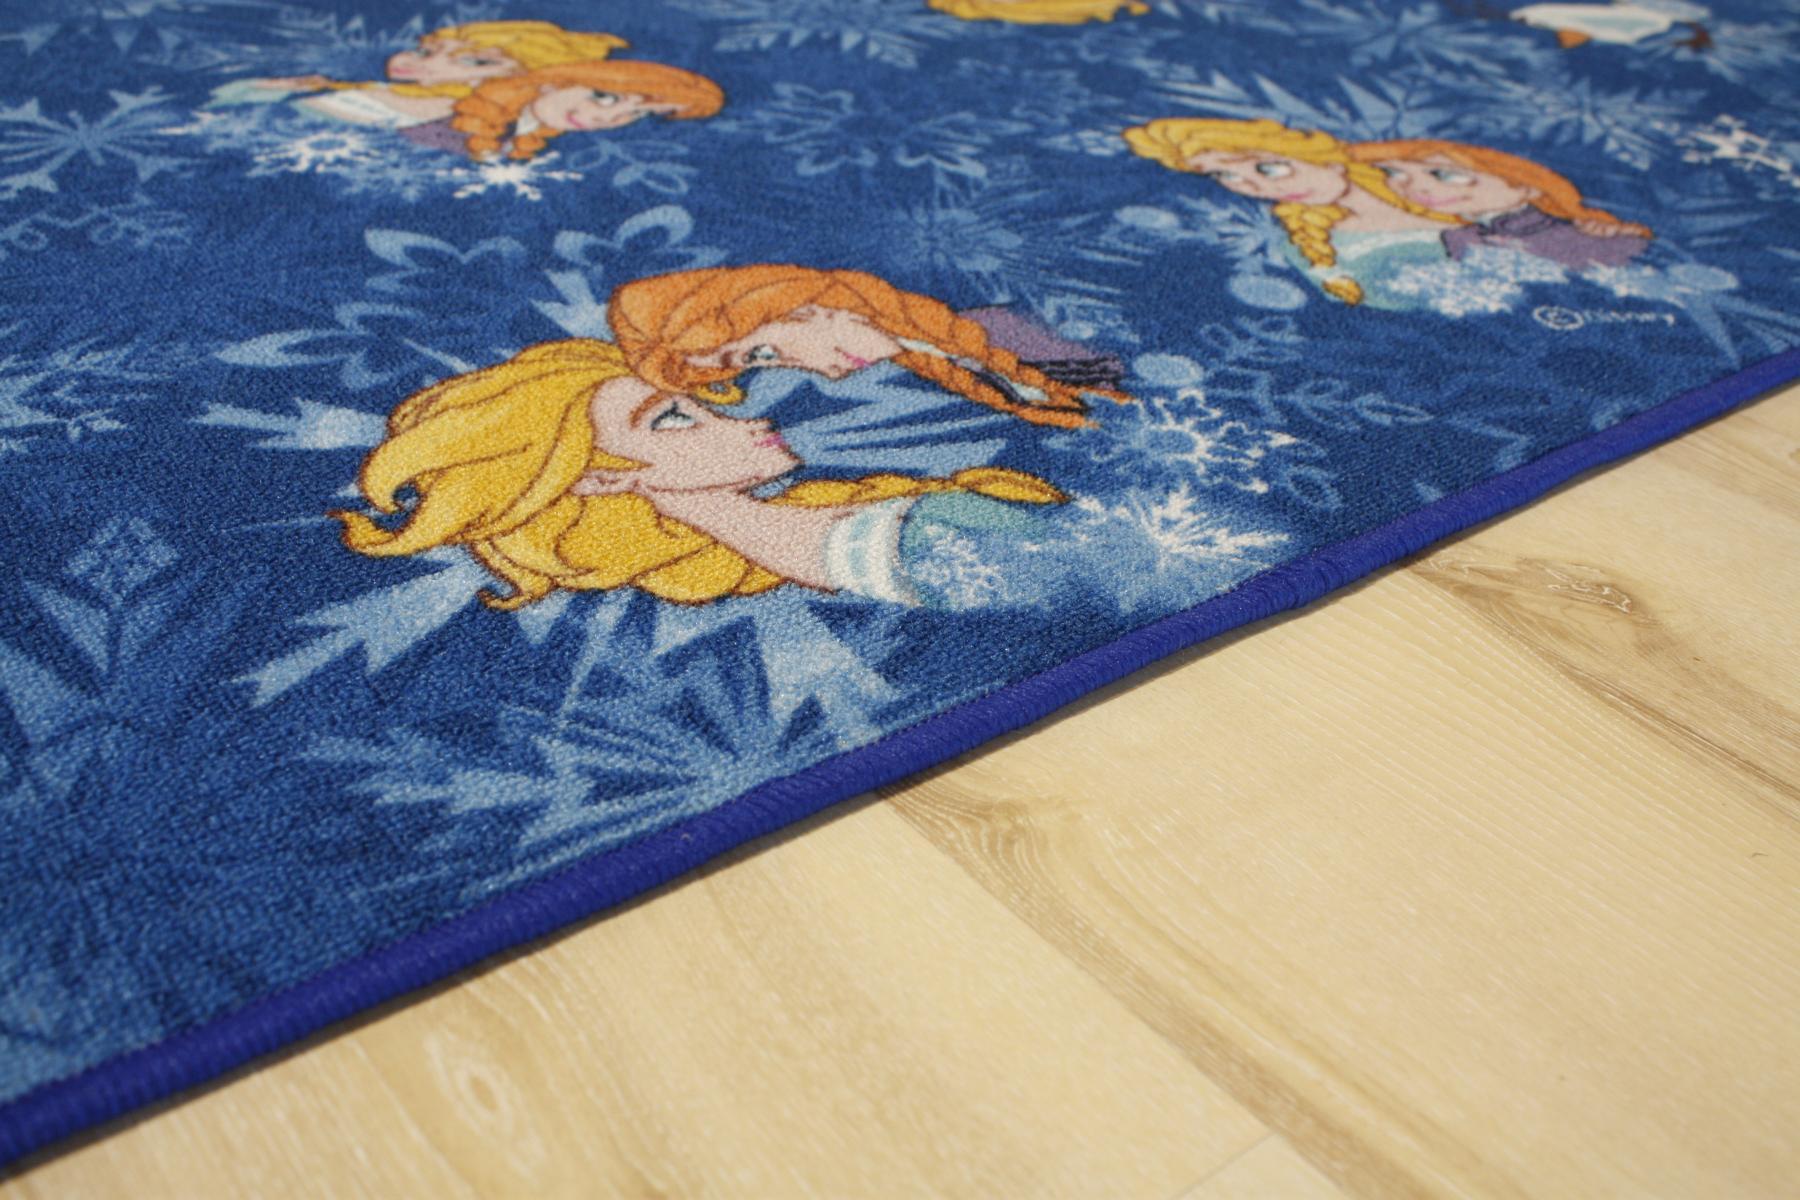 kinder teppich spielteppich eisk nigin frozen blau 140x200 cm elsa olaf anna ebay. Black Bedroom Furniture Sets. Home Design Ideas